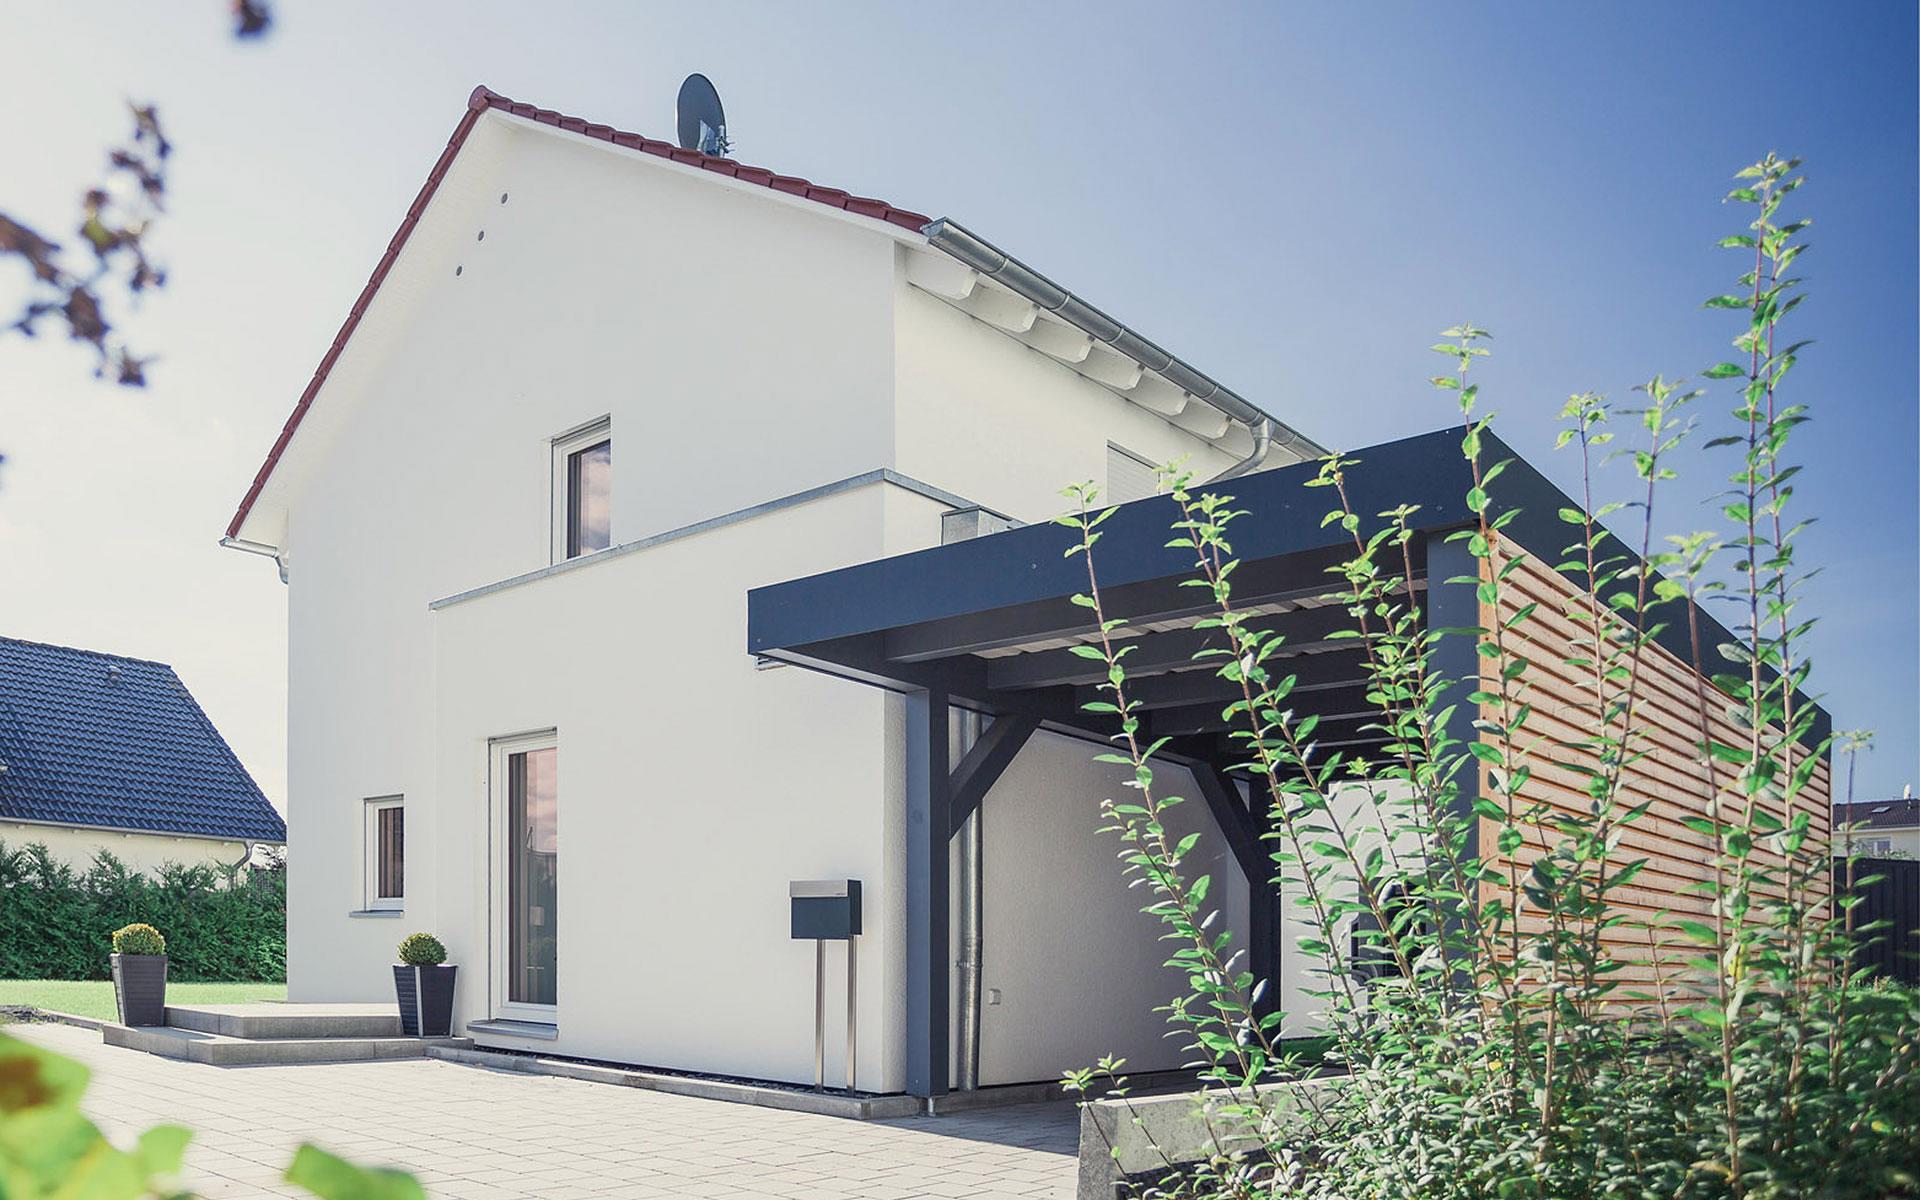 Klassisch 98 von FischerHaus GmbH & Co. KG